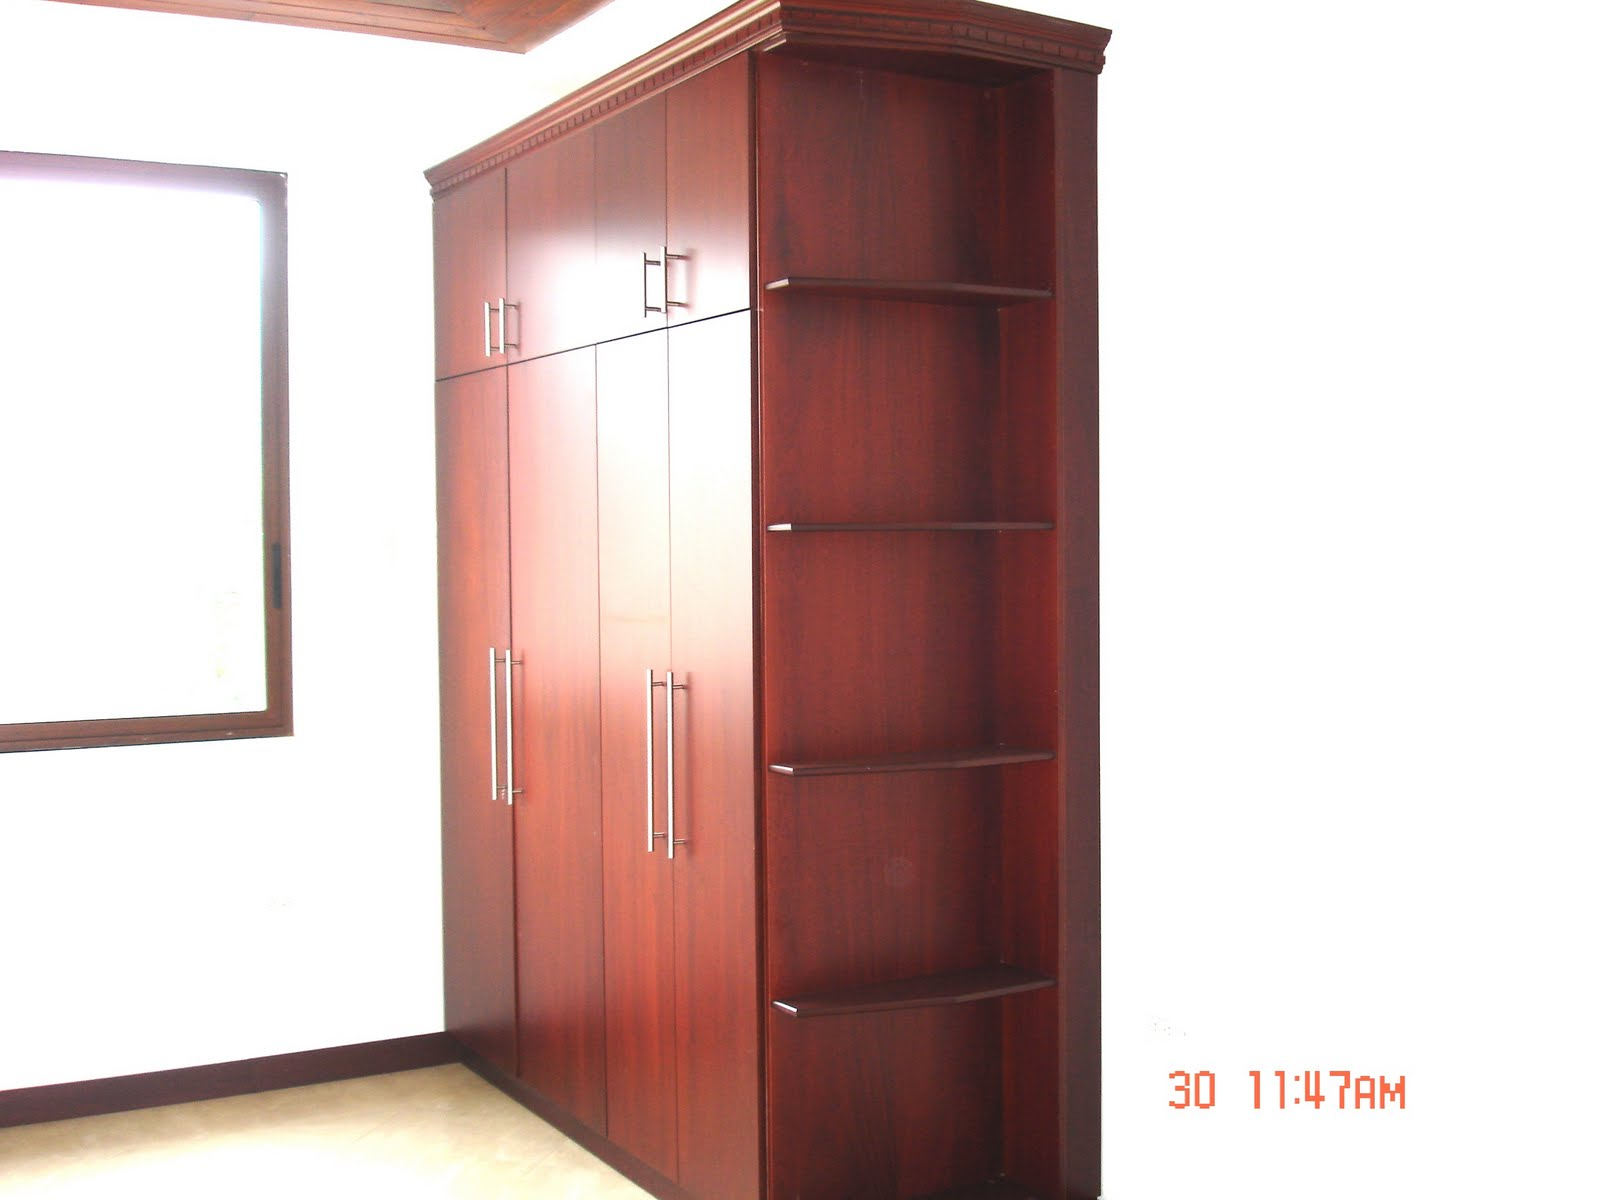 Ideatumobiliario dormitorios closets for Modelos de espejos para dormitorios